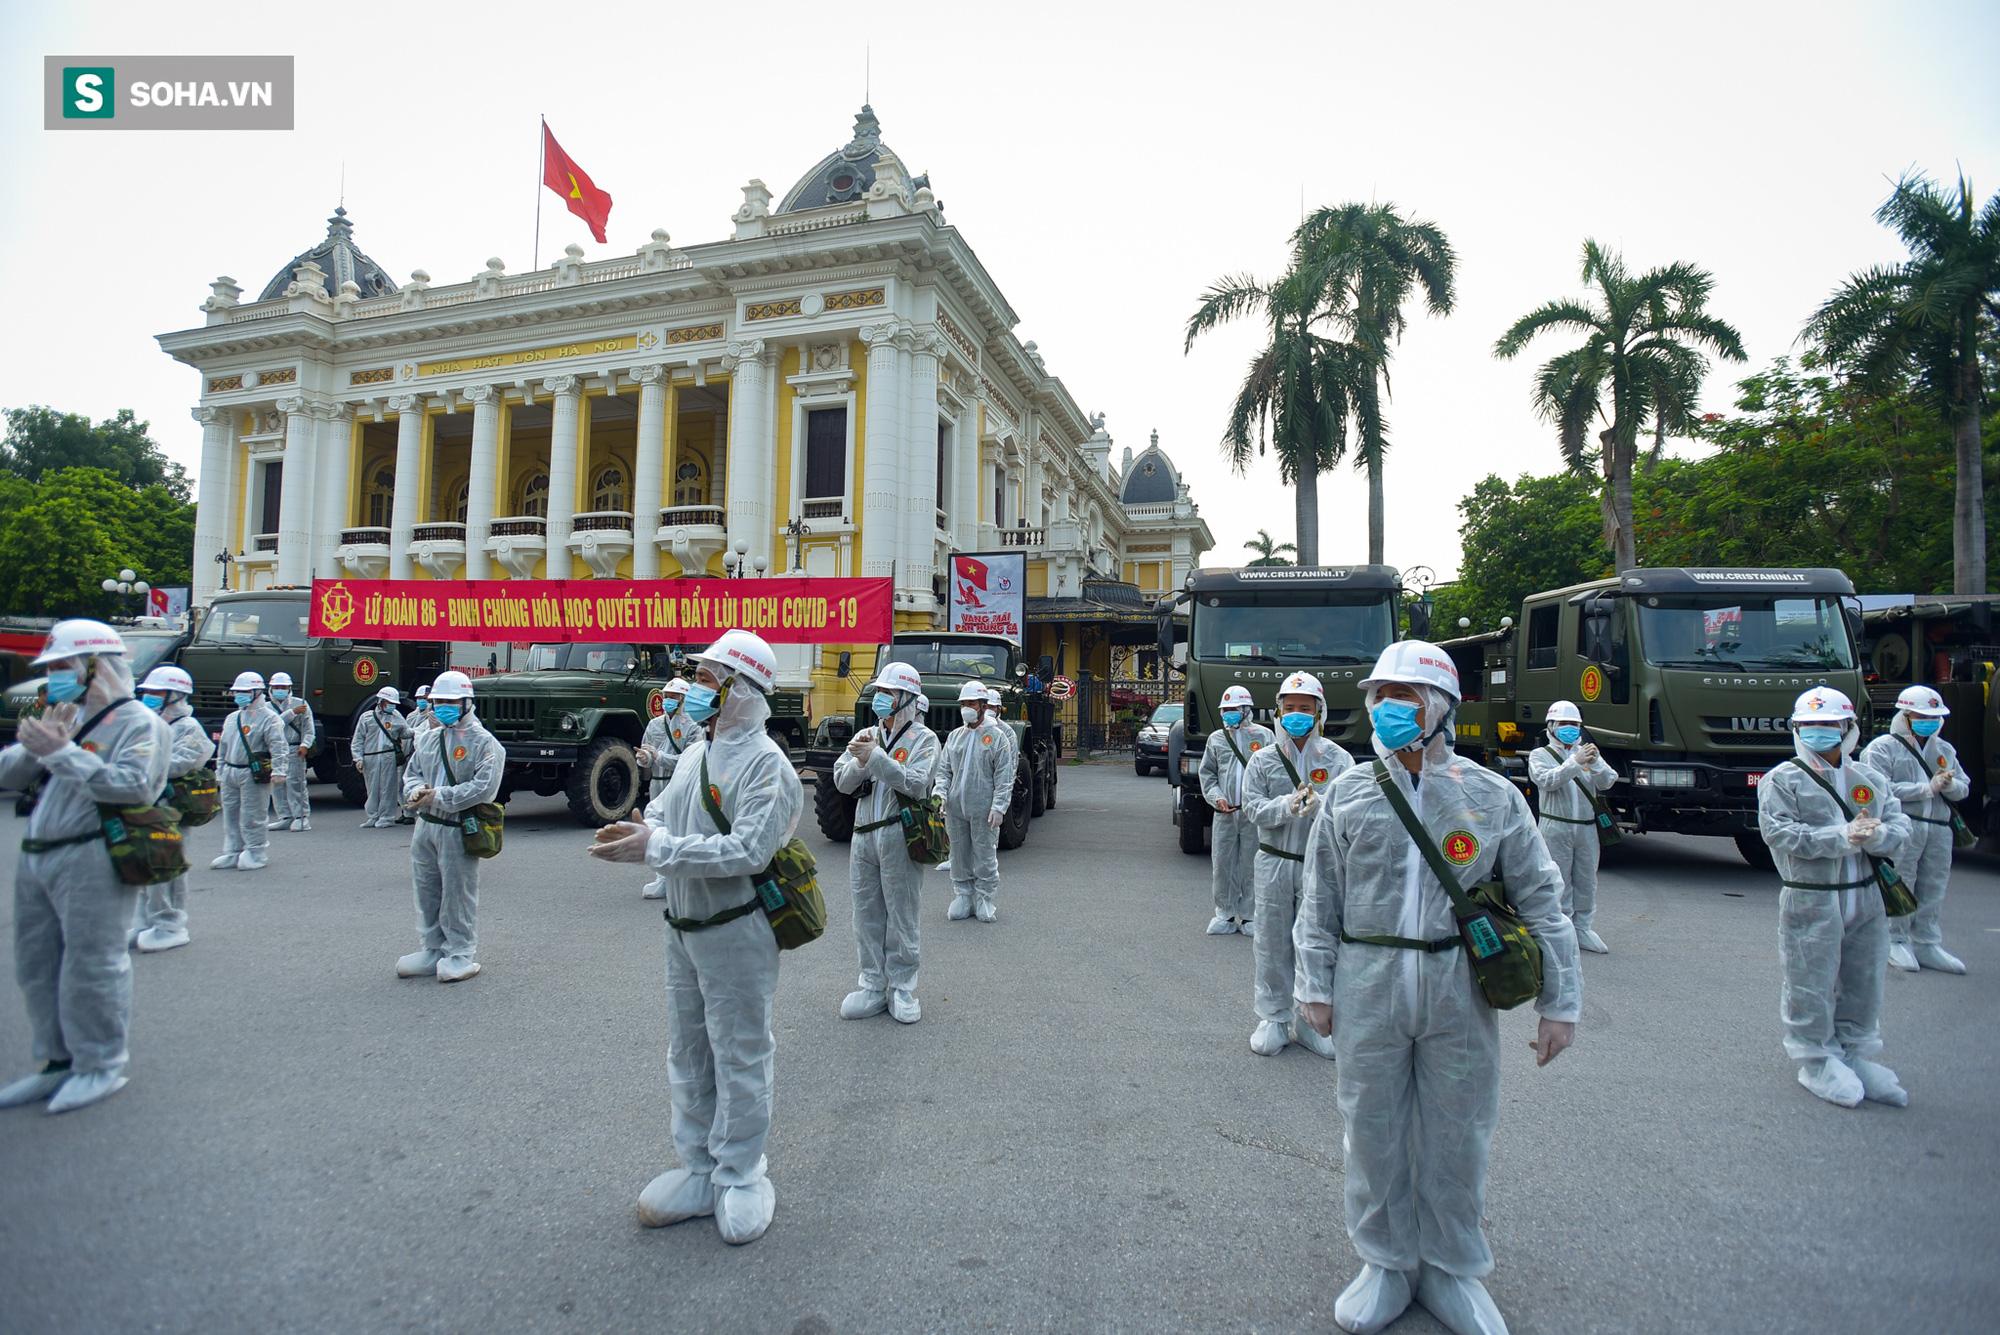 Cận cảnh 15 xe đặc chủng cùng 180 chiến sĩ phun khử khuẩn toàn bộ quận Hoàn Kiếm - Ảnh 1.